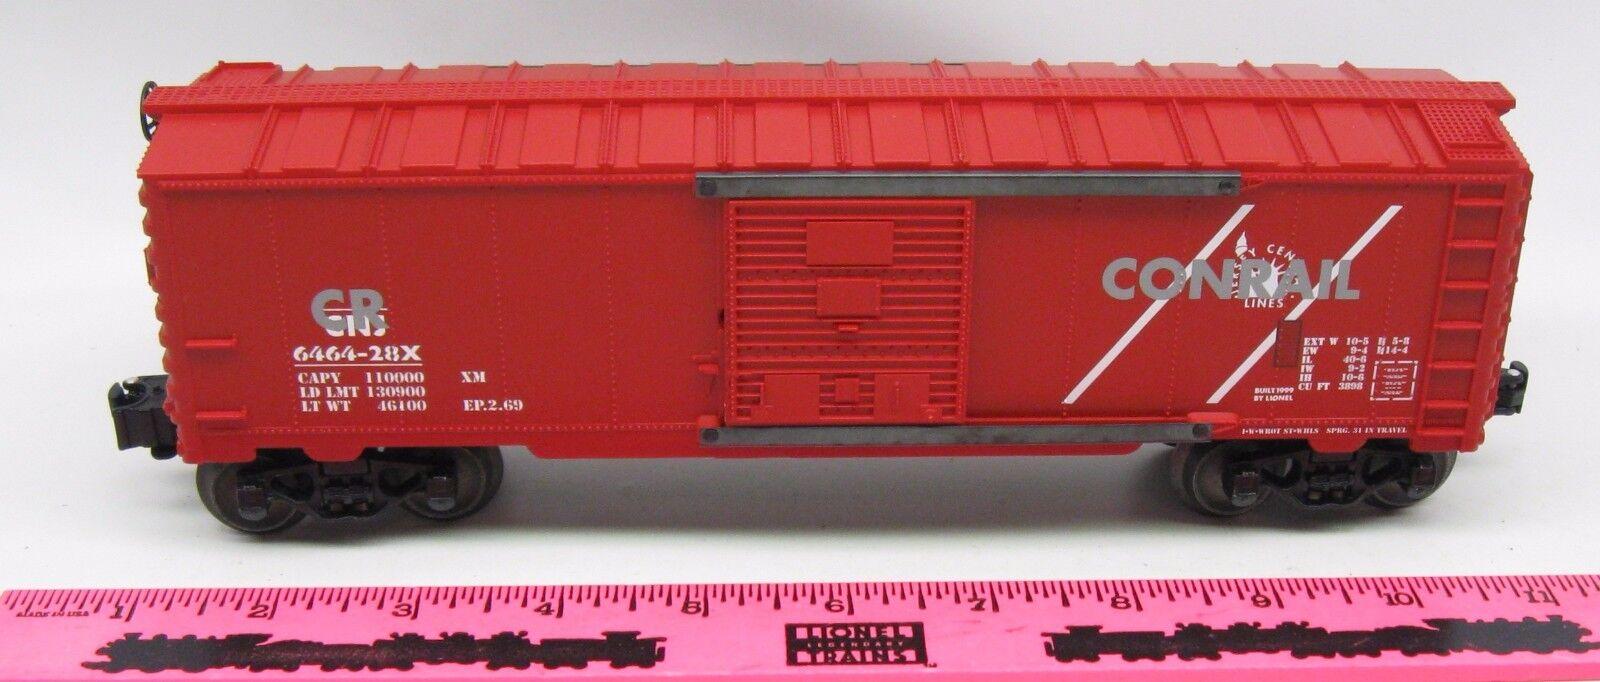 Lionel  6464-28x Conrail   CNJ over stamp Boxcar